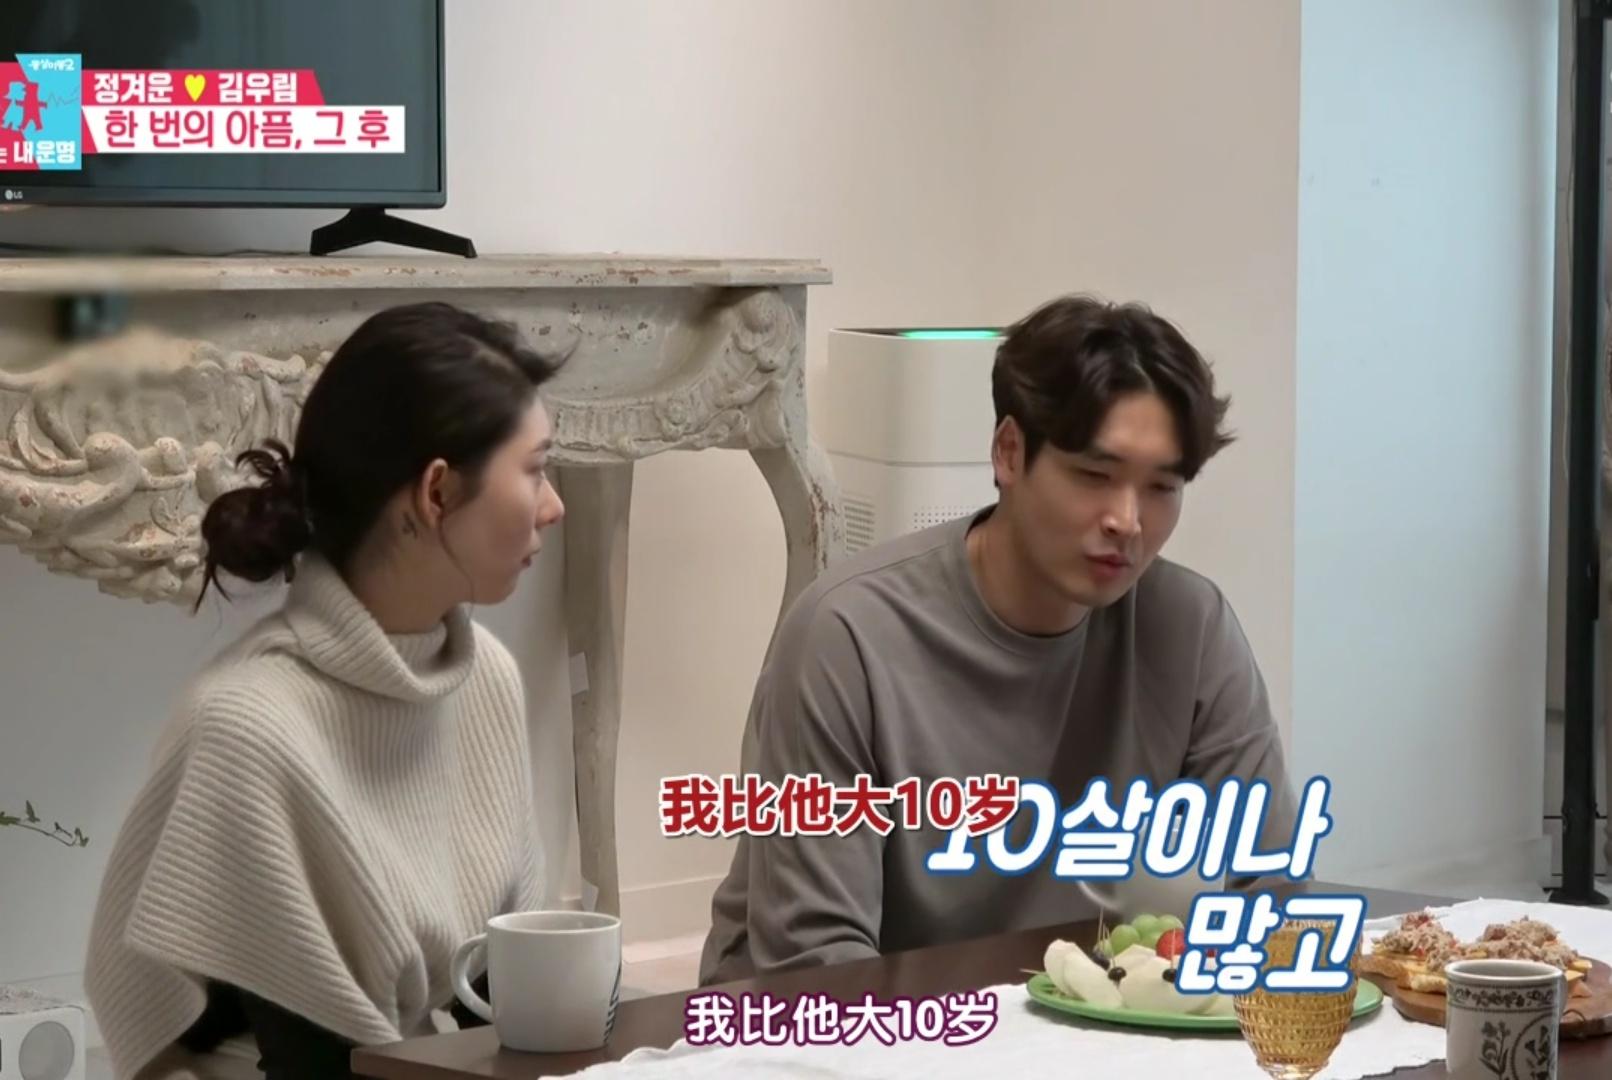 韩国男星离婚一年后,与圈外小10岁女大学生再婚,岳父难以接受!